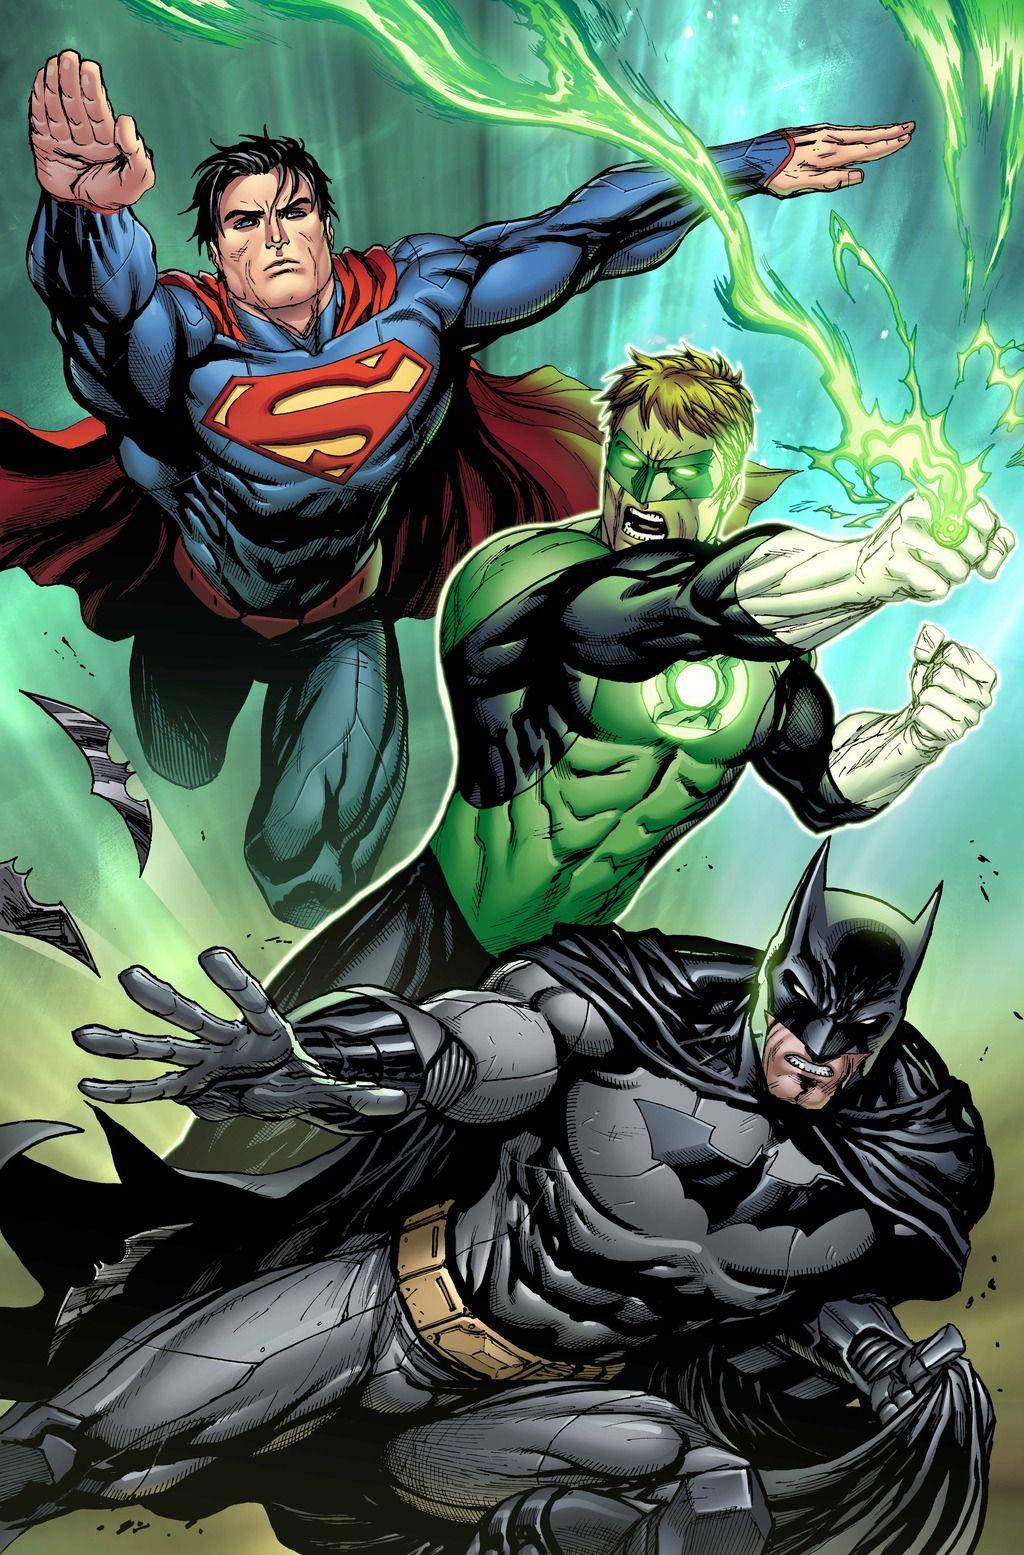 Superman Batman Green Lantern Dc Comics Artwork Comics Dc Comics Art